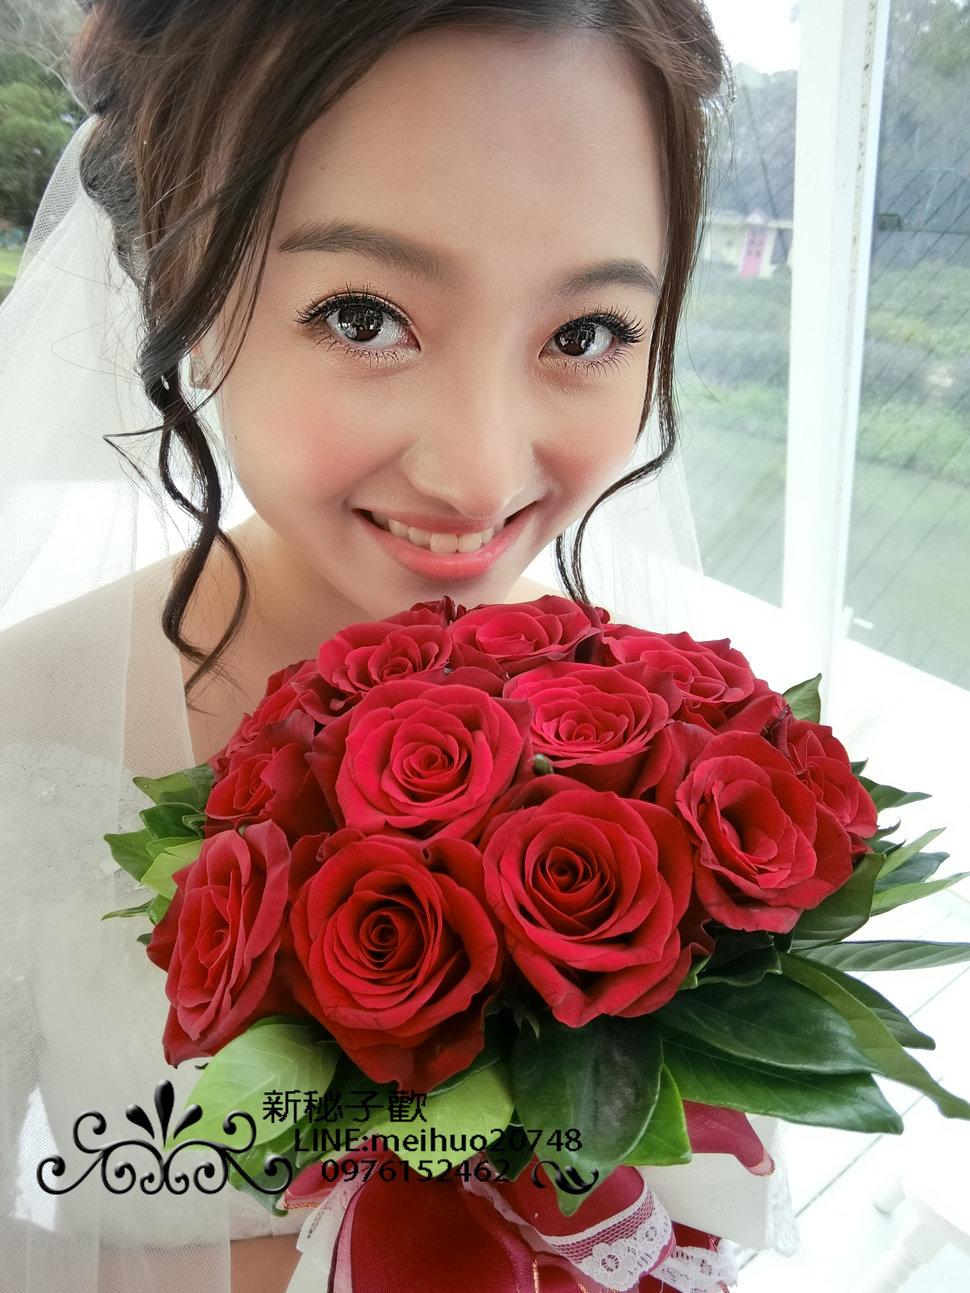 CIMG2057 - 子歡新娘秘書整體造型/桃園新秘/中壢新秘 - 結婚吧